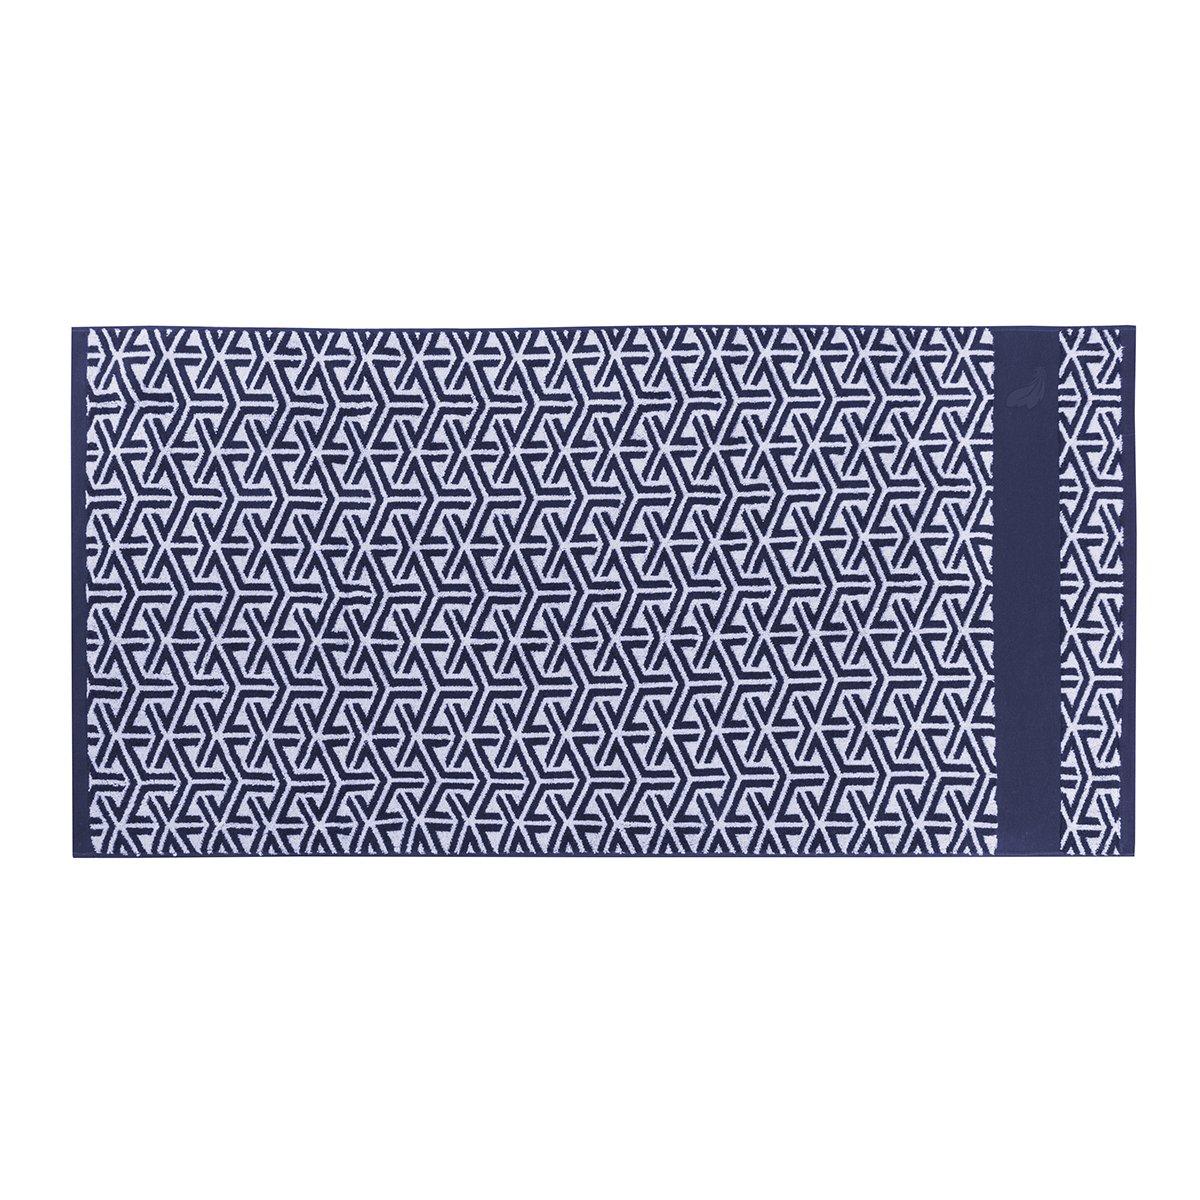 Drap de douche coton 70x140 cm bleu foncé imprimé